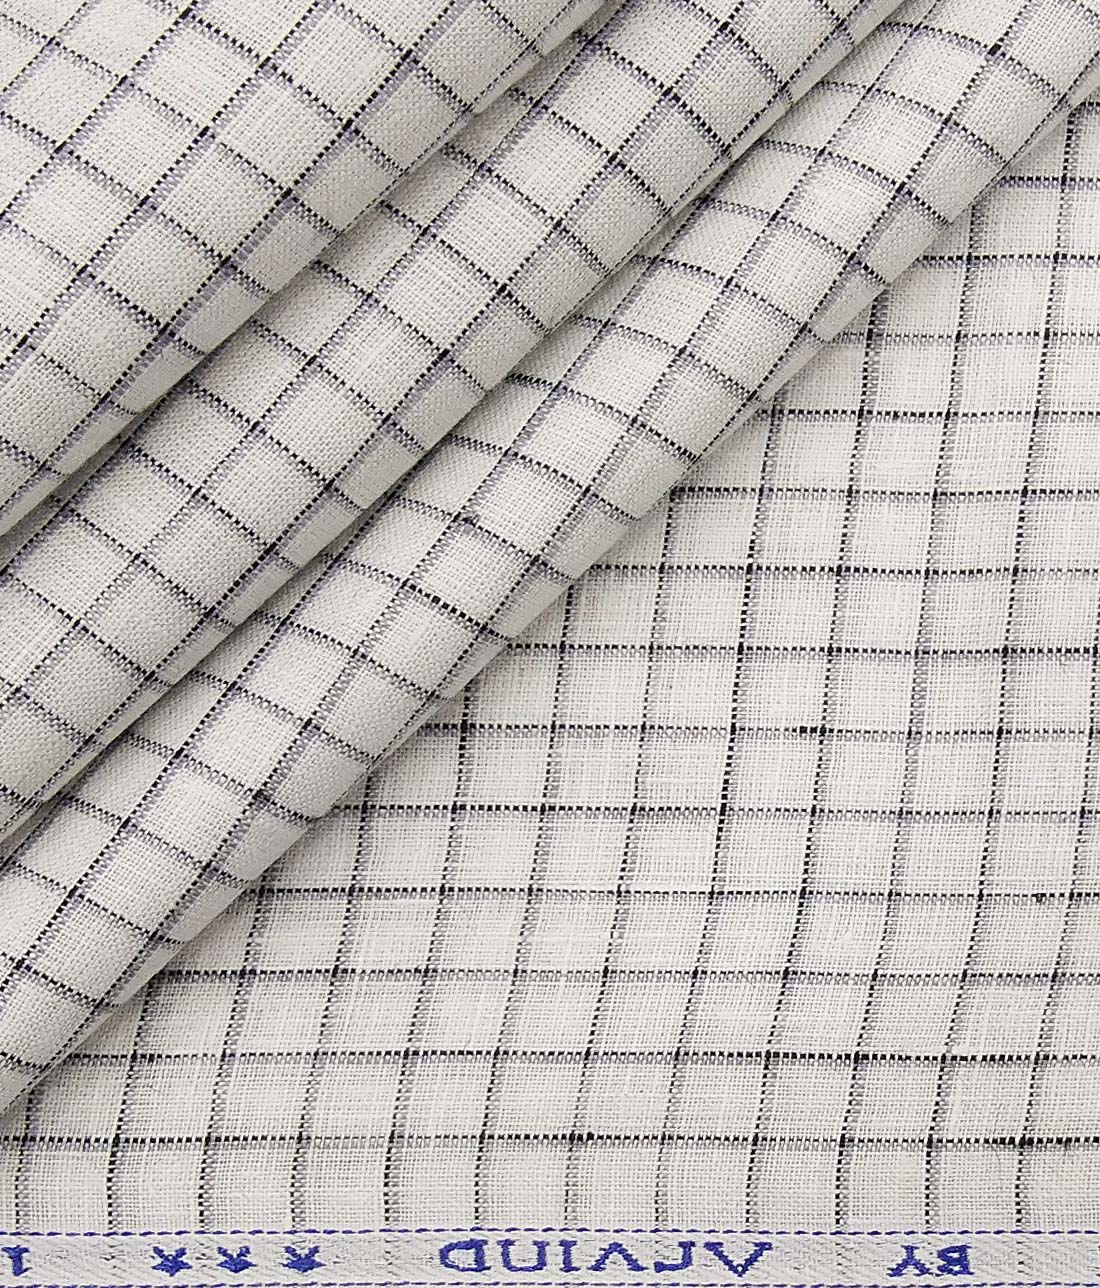 ebc7c68ae Arvind White 100% Irish Linen 60 LEA Grey Checks Shirt Fabric (1.60 M)